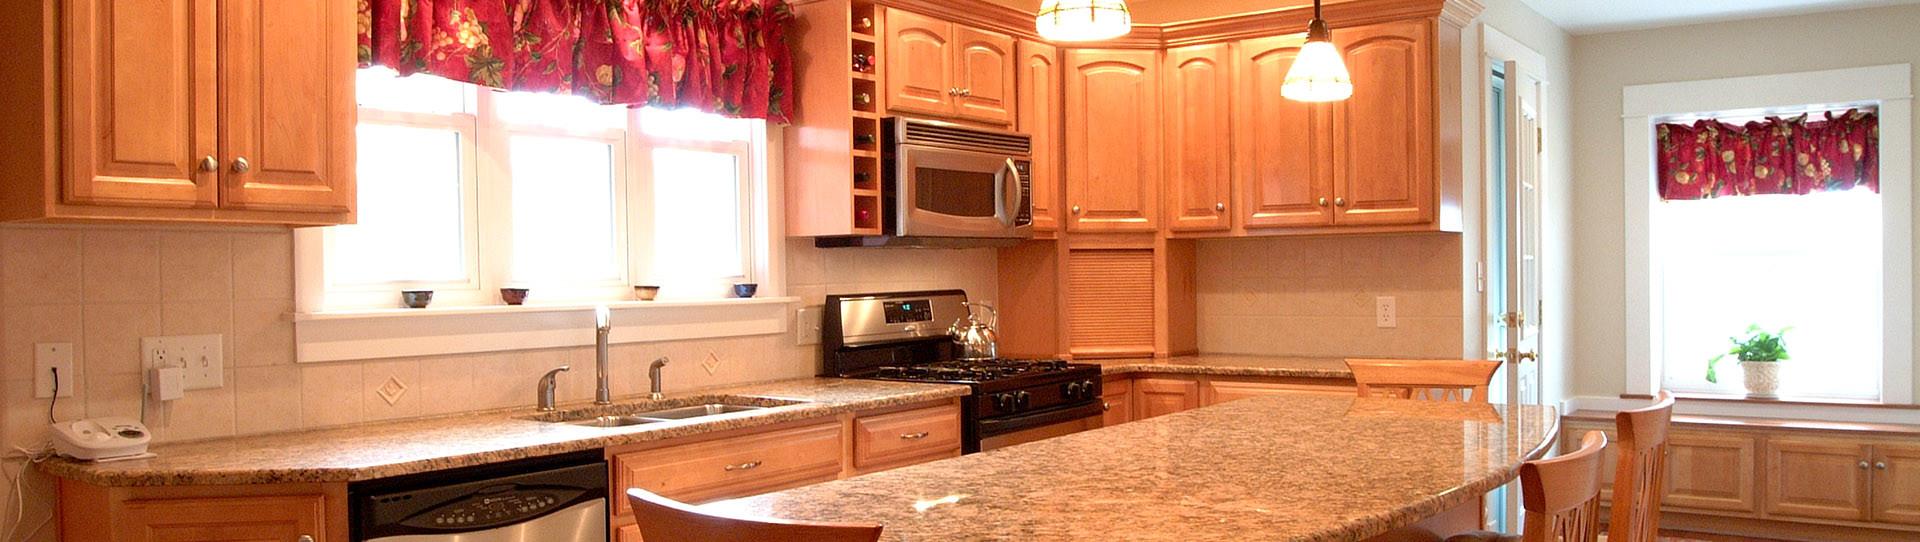 banner-bg-kitchen